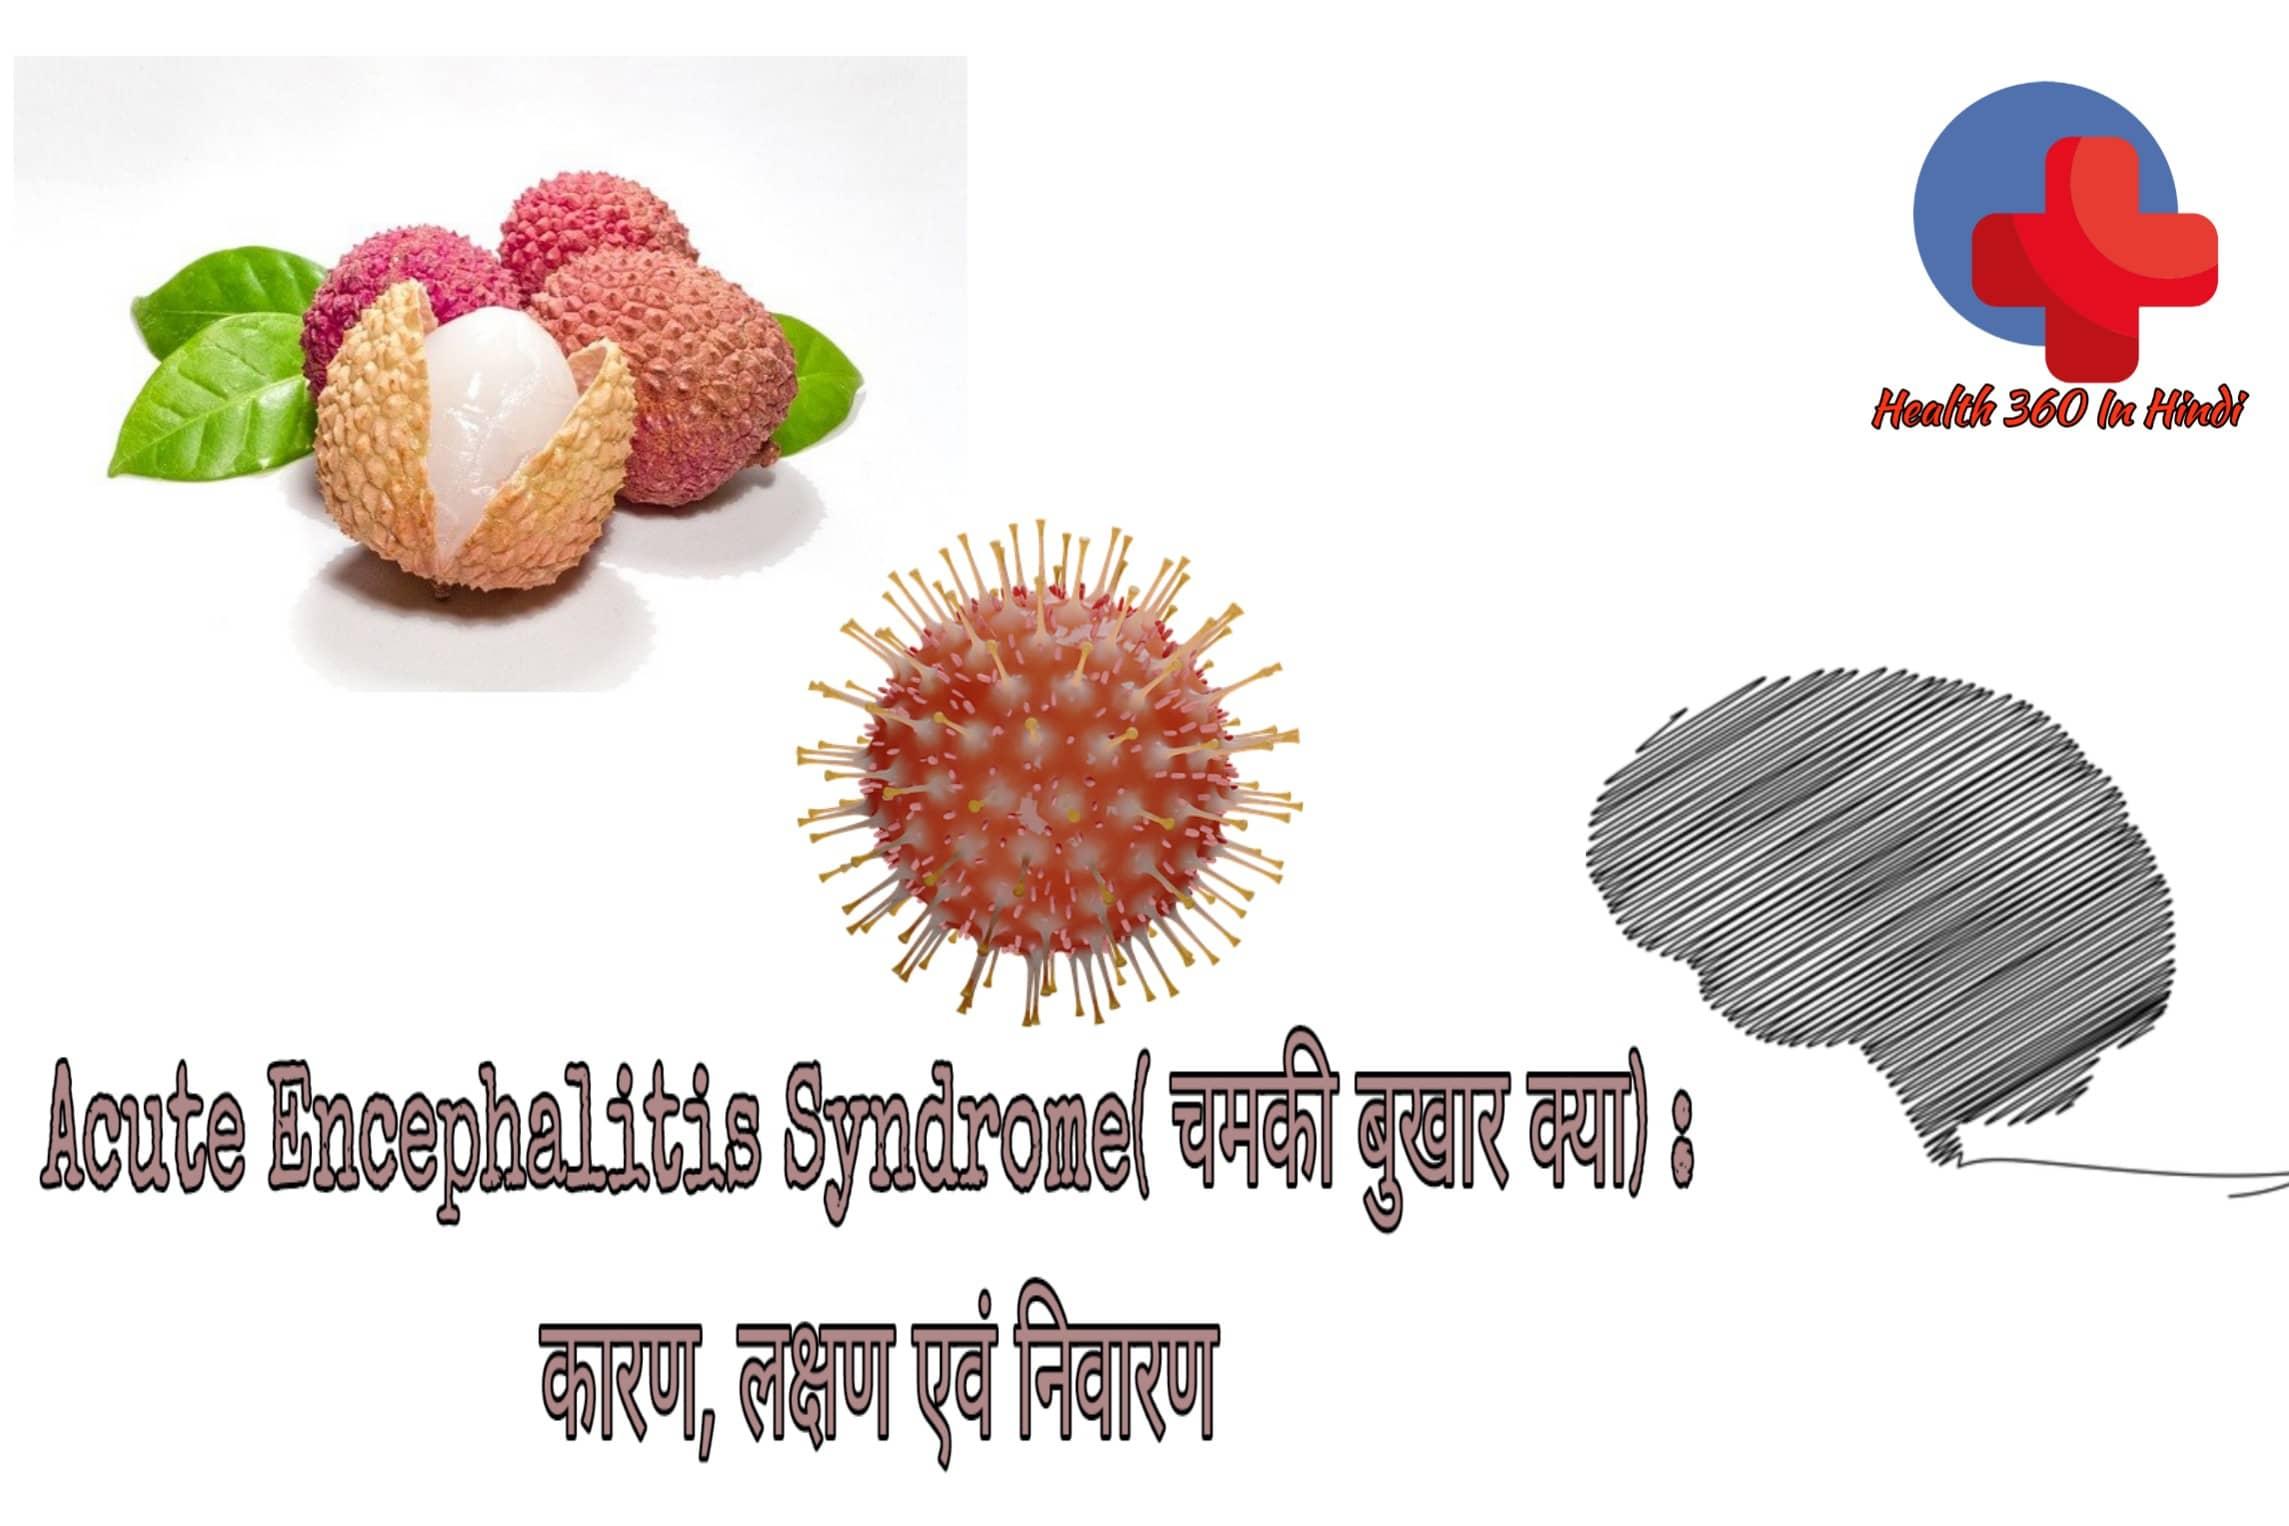 Acute Encephalitis Syndrome in Hindi – चमकी बुखार क्या है?